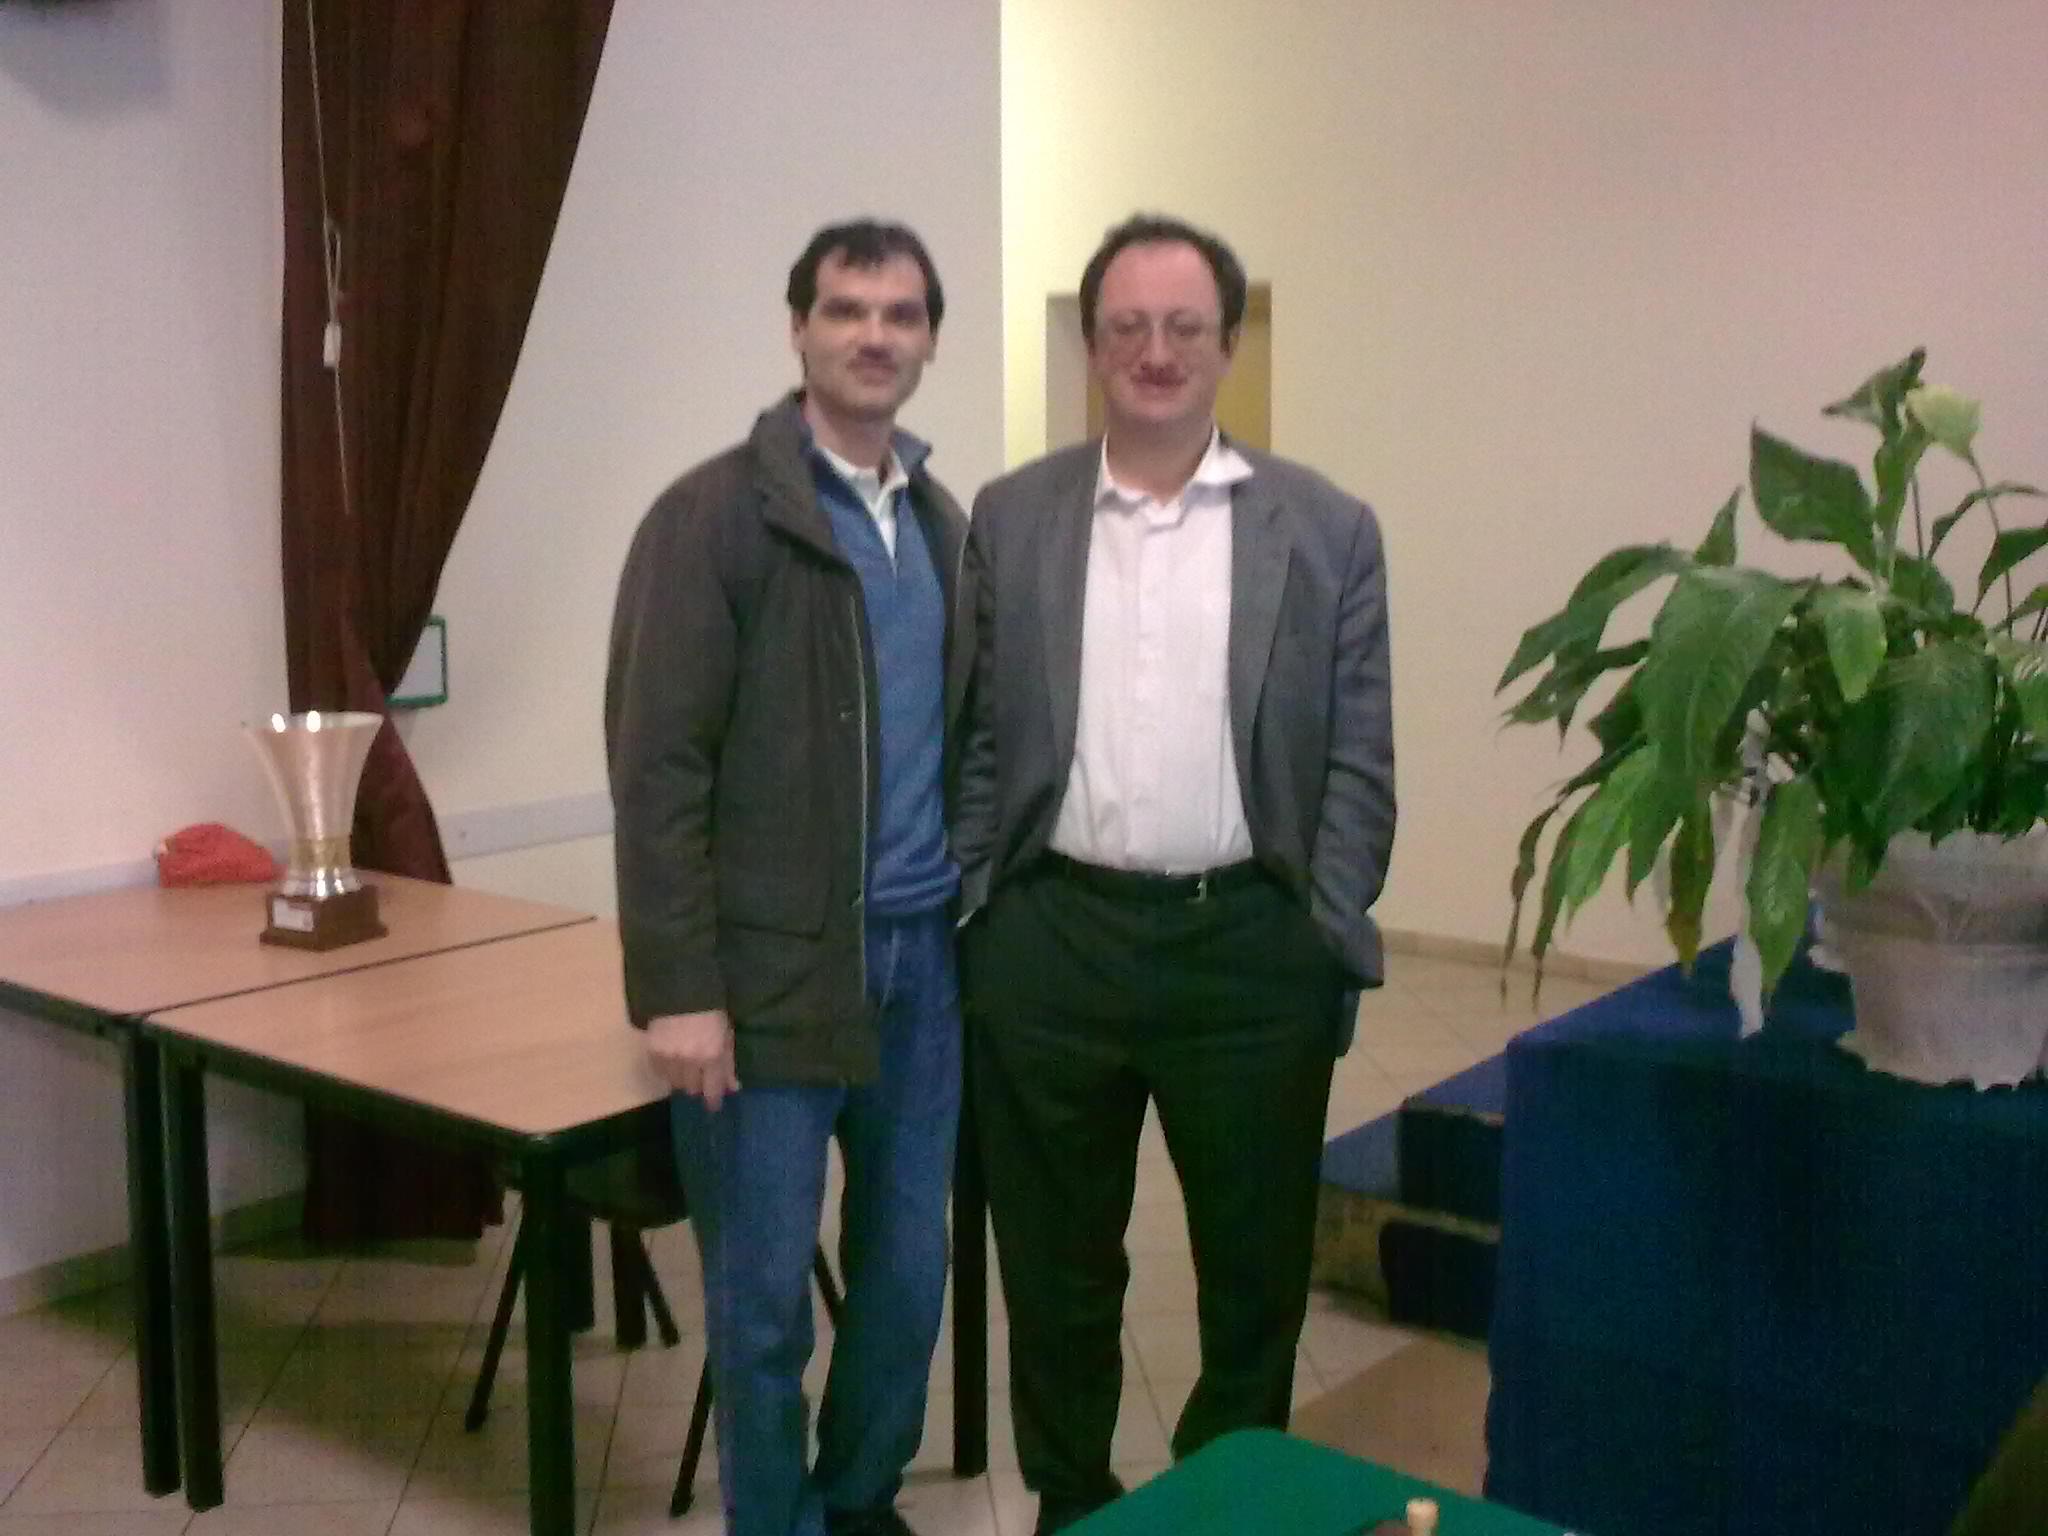 O poza de valoare pt. mine! Alaturi de GM Boris Gelfand, extraordinar de amabil! A facut foto si semnat autografe cu multa amabilitate